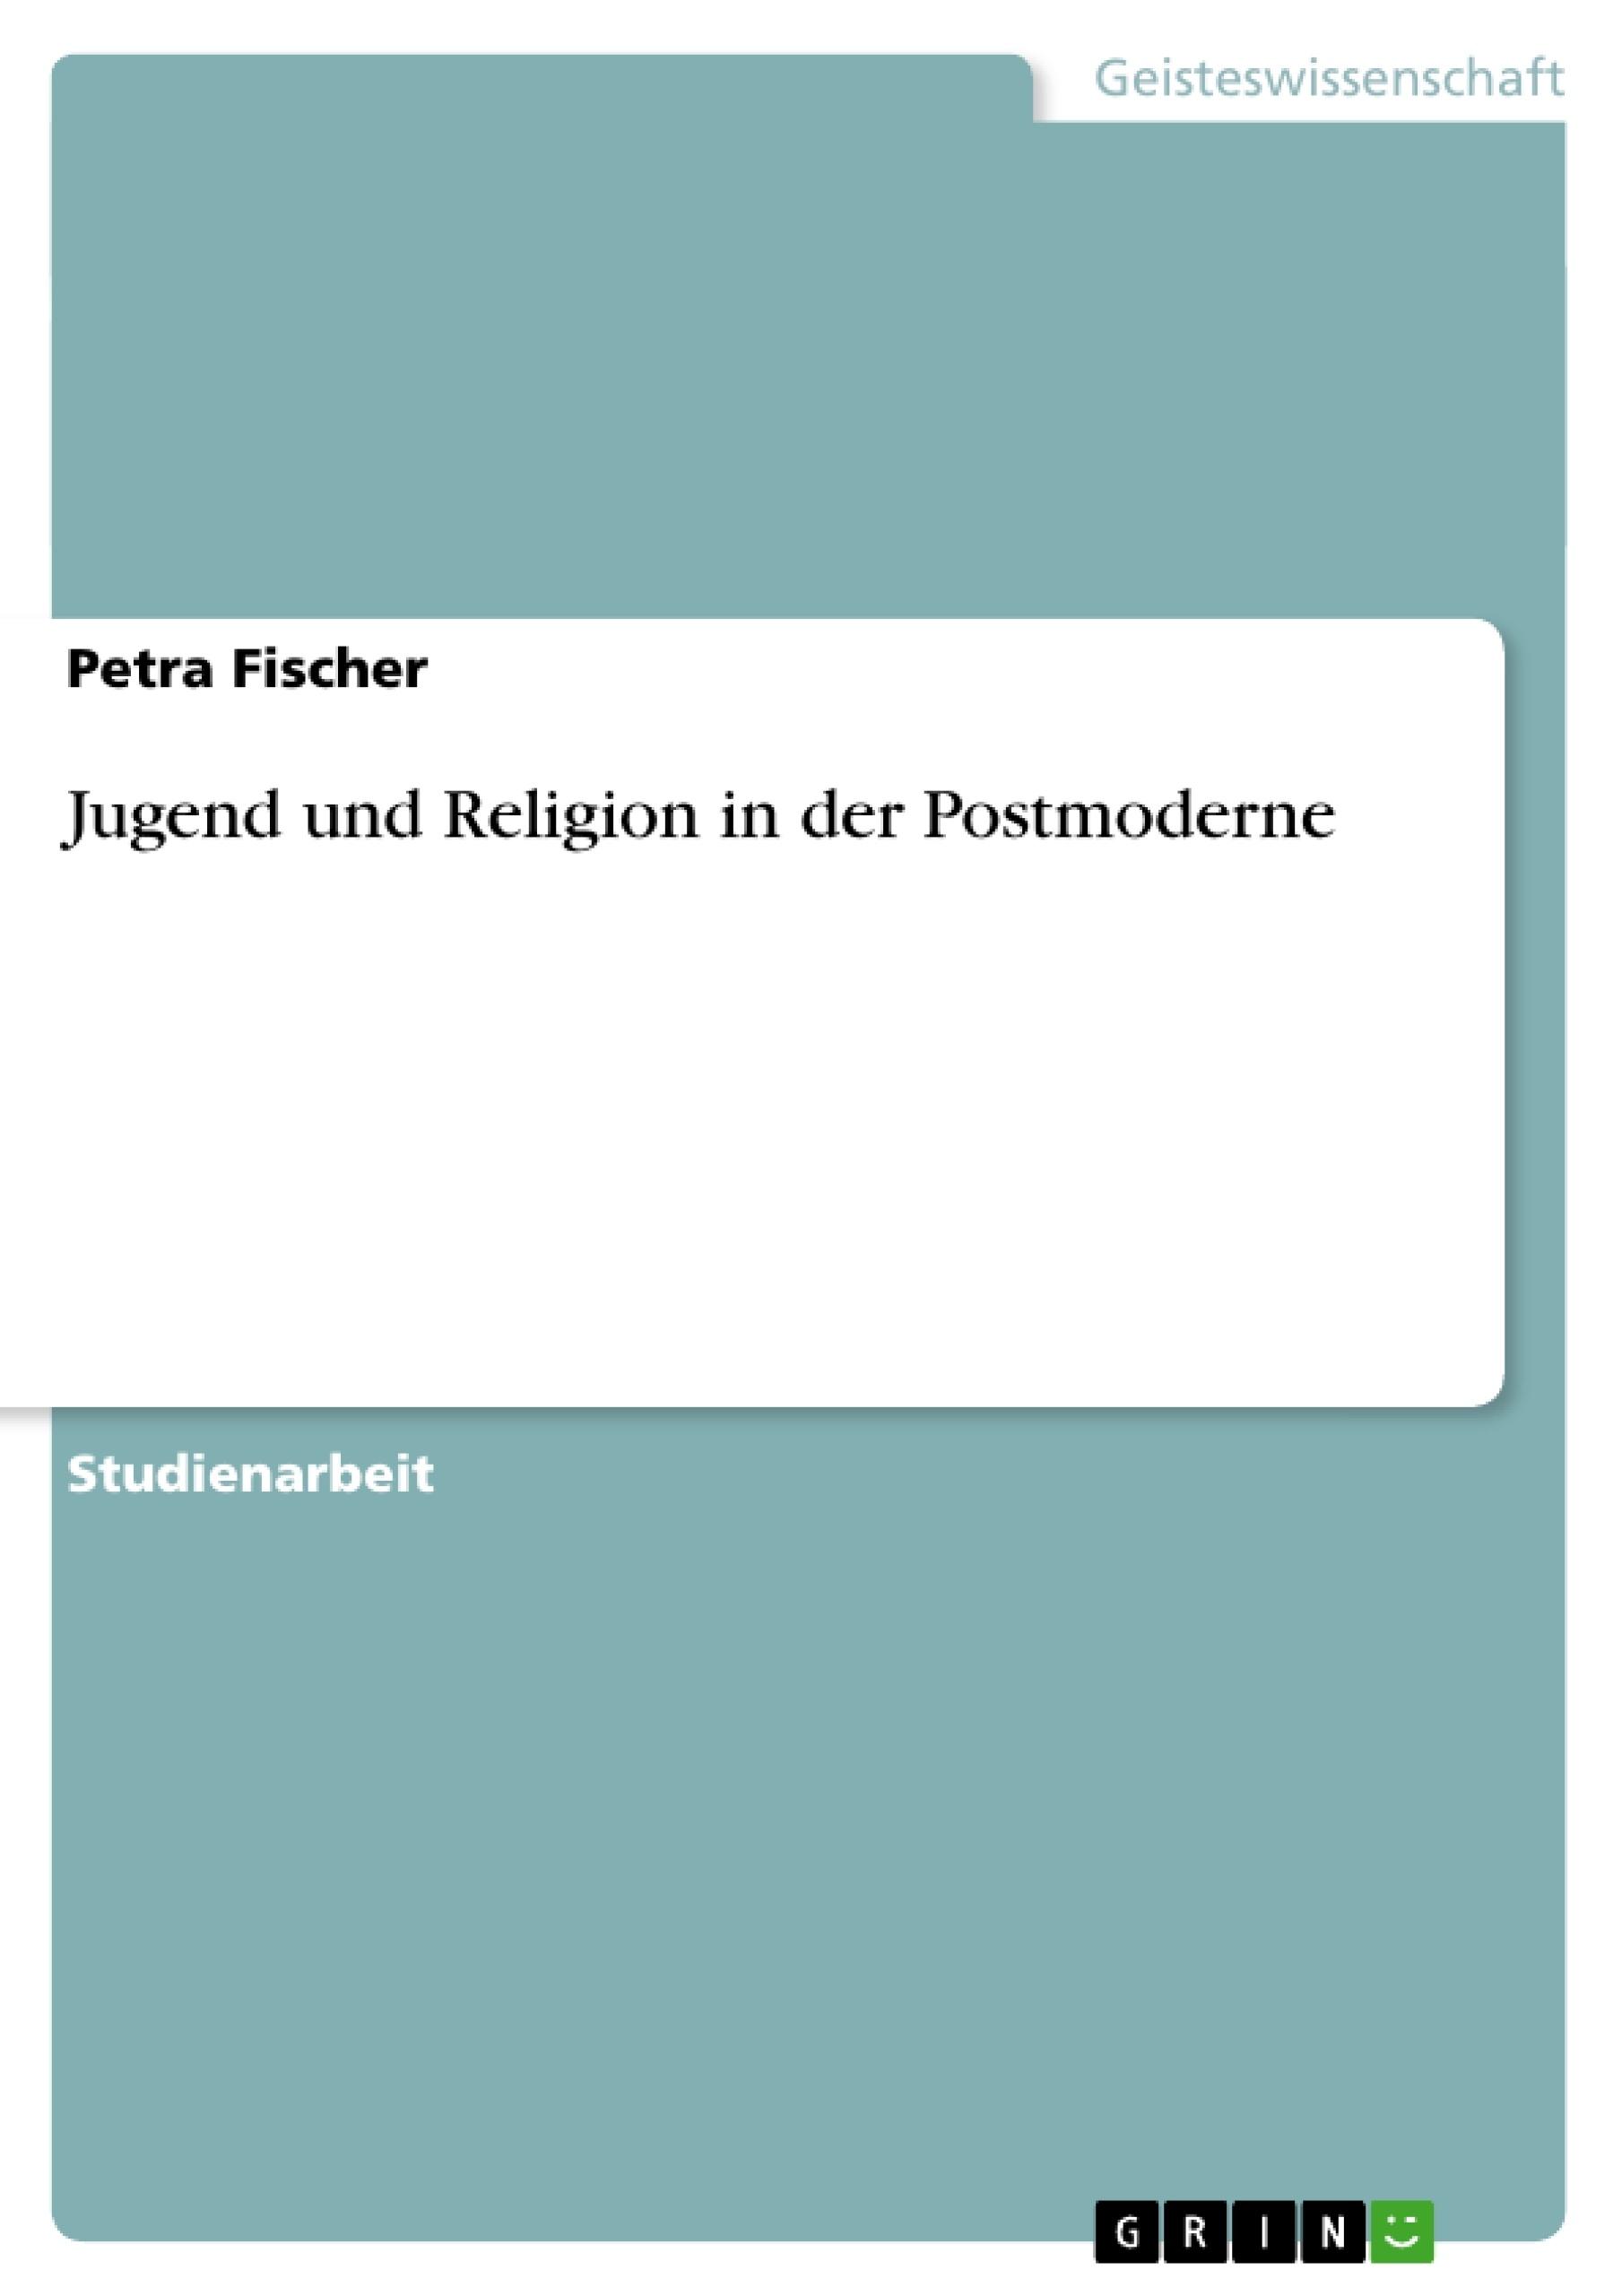 Titel: Jugend und Religion in der Postmoderne